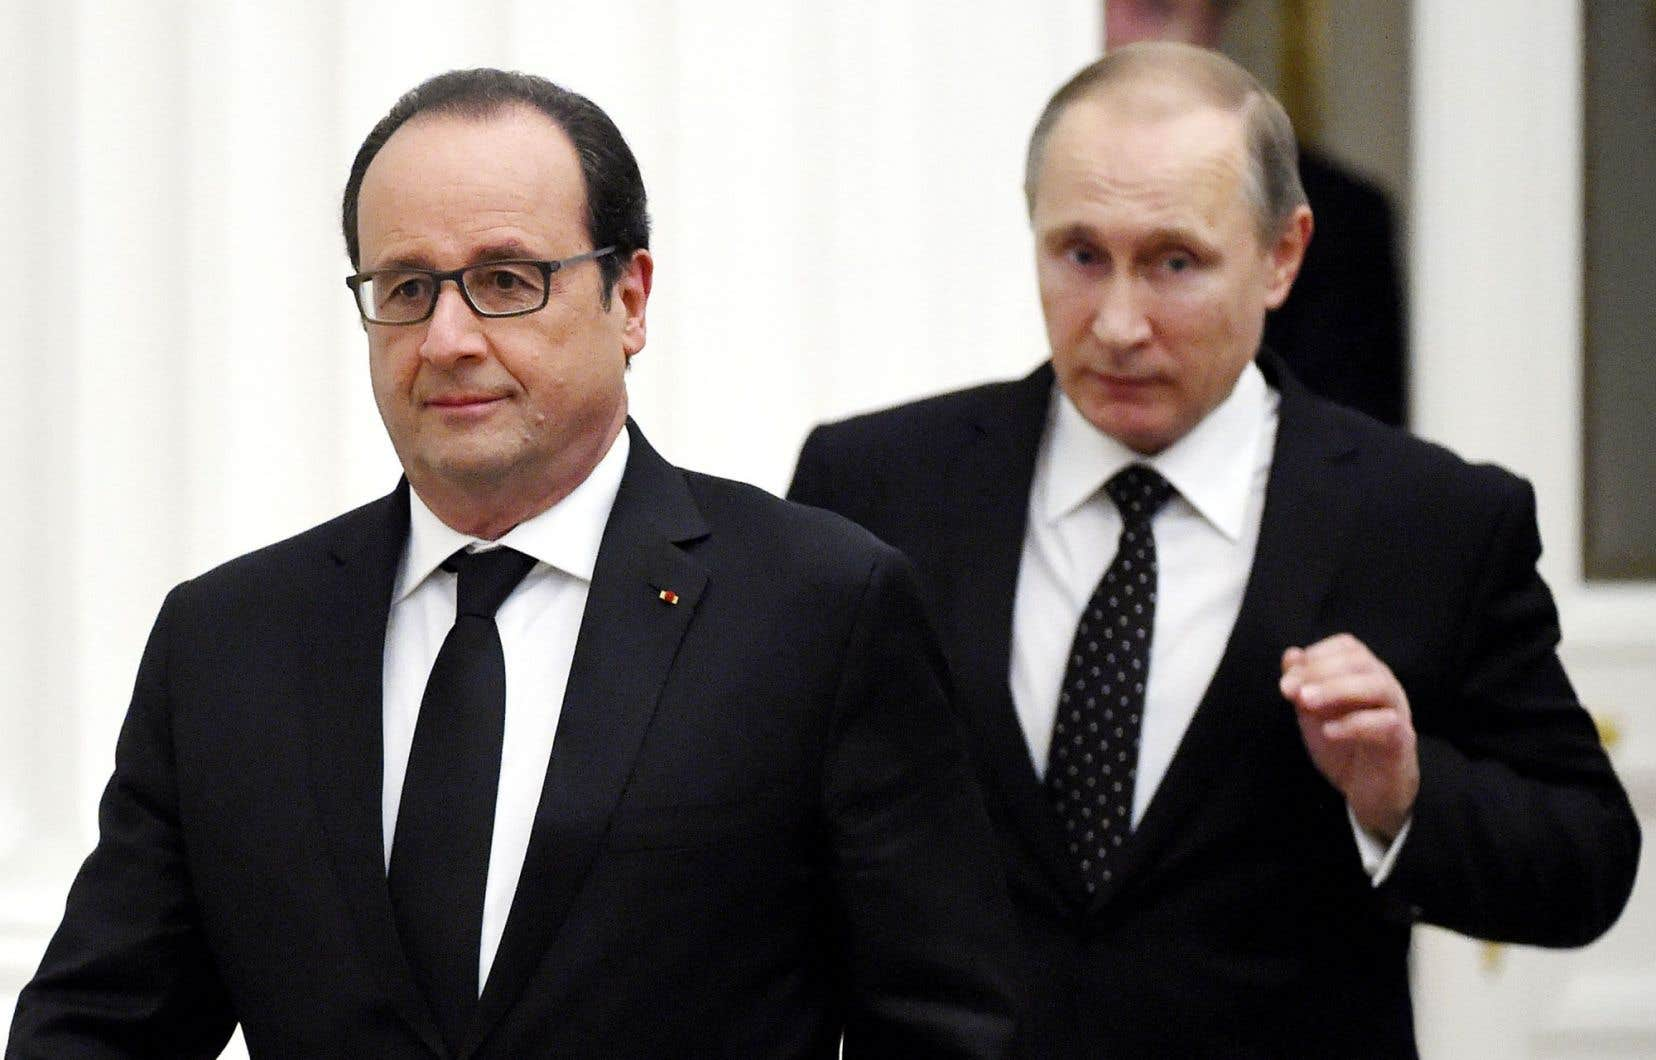 François Hollande (à gauche) etVladimir Poutine à Moscou jeudi, peu après leur rencontre